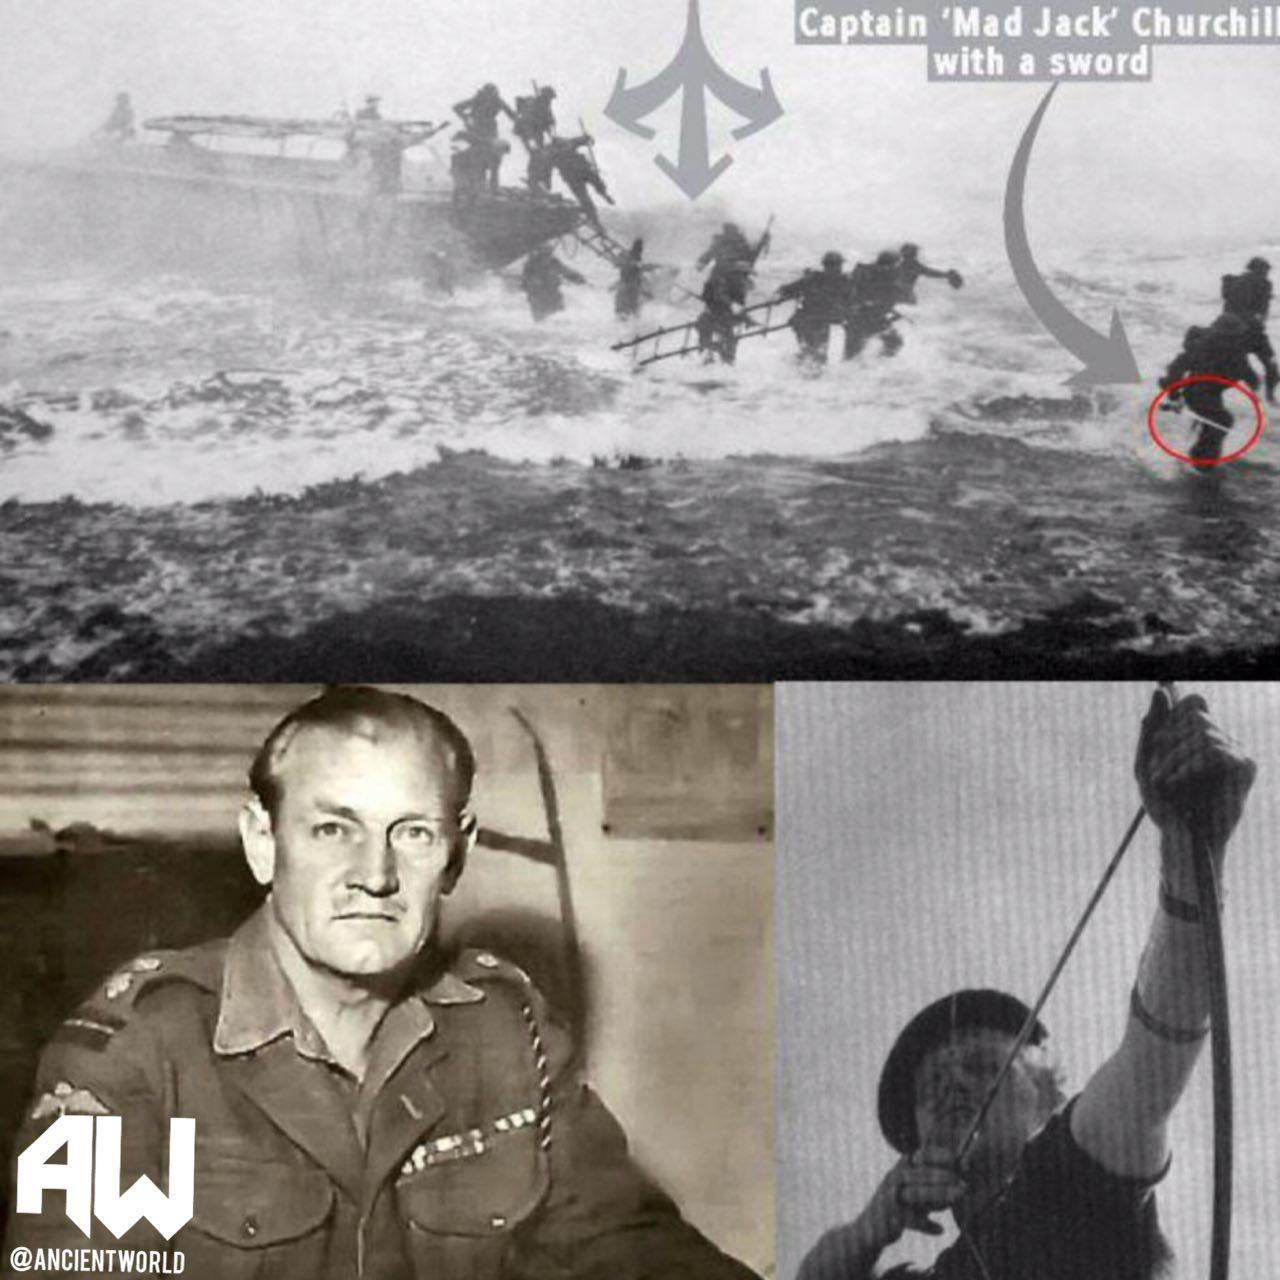 تنها افسر جنگ جهانی که سلاحش شمشیر بود+عکس